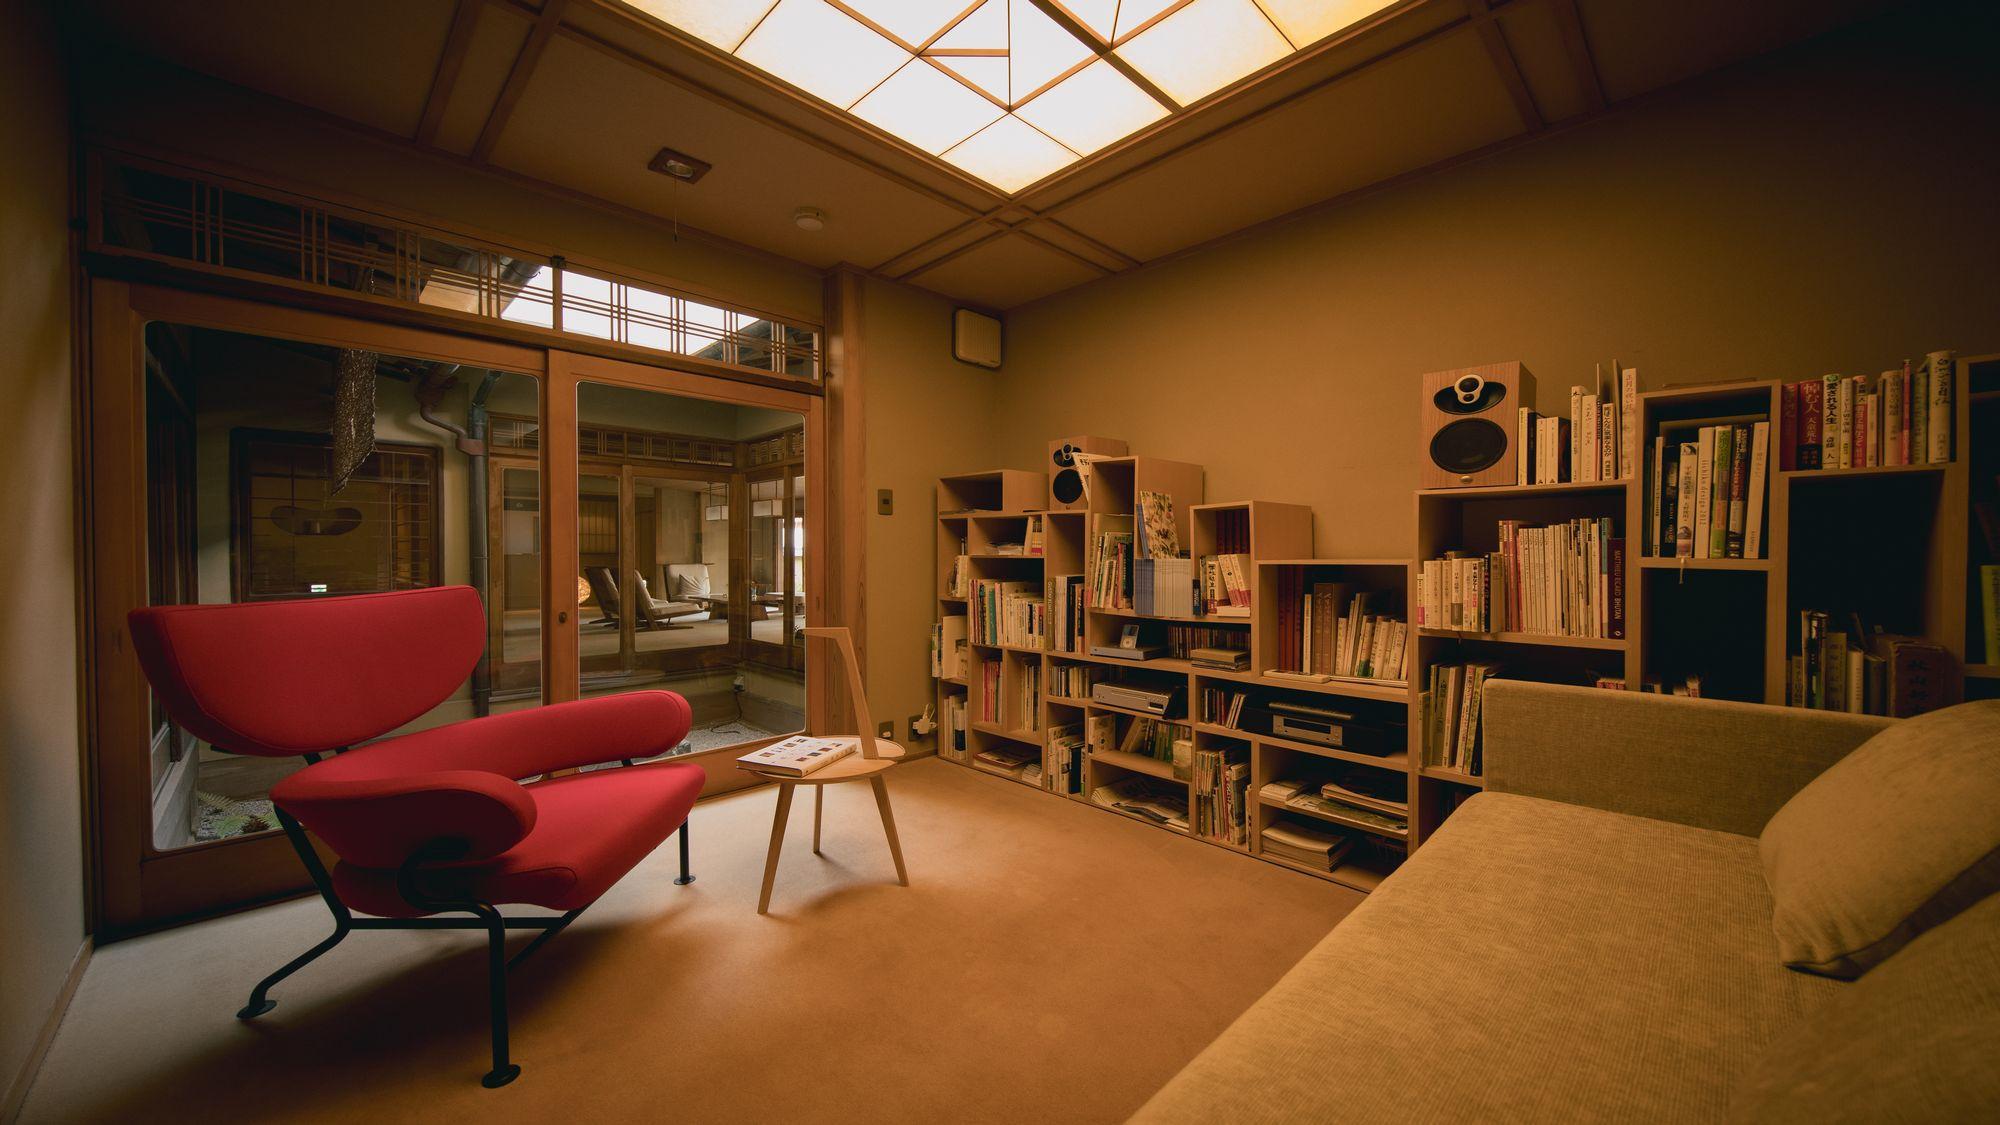 【小さなライブラリー】LINNのオーディオセットとフランコ・アルビニの家具が備え付けてあります。